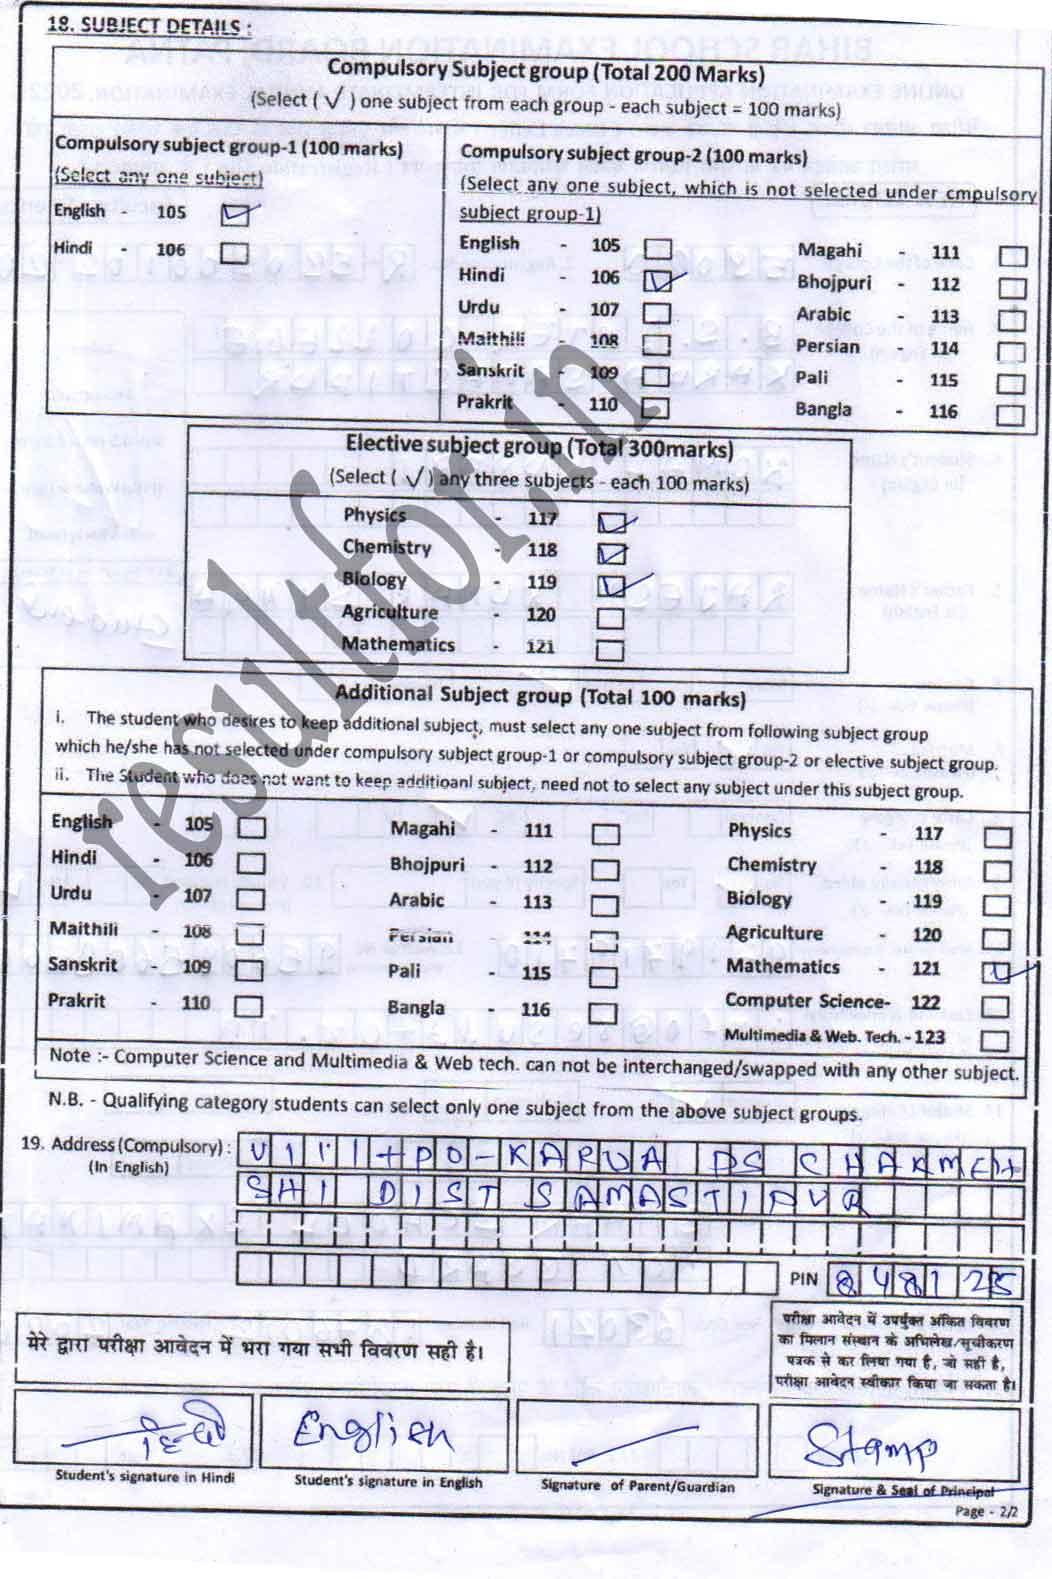 bihar board 12th science exam form fill up